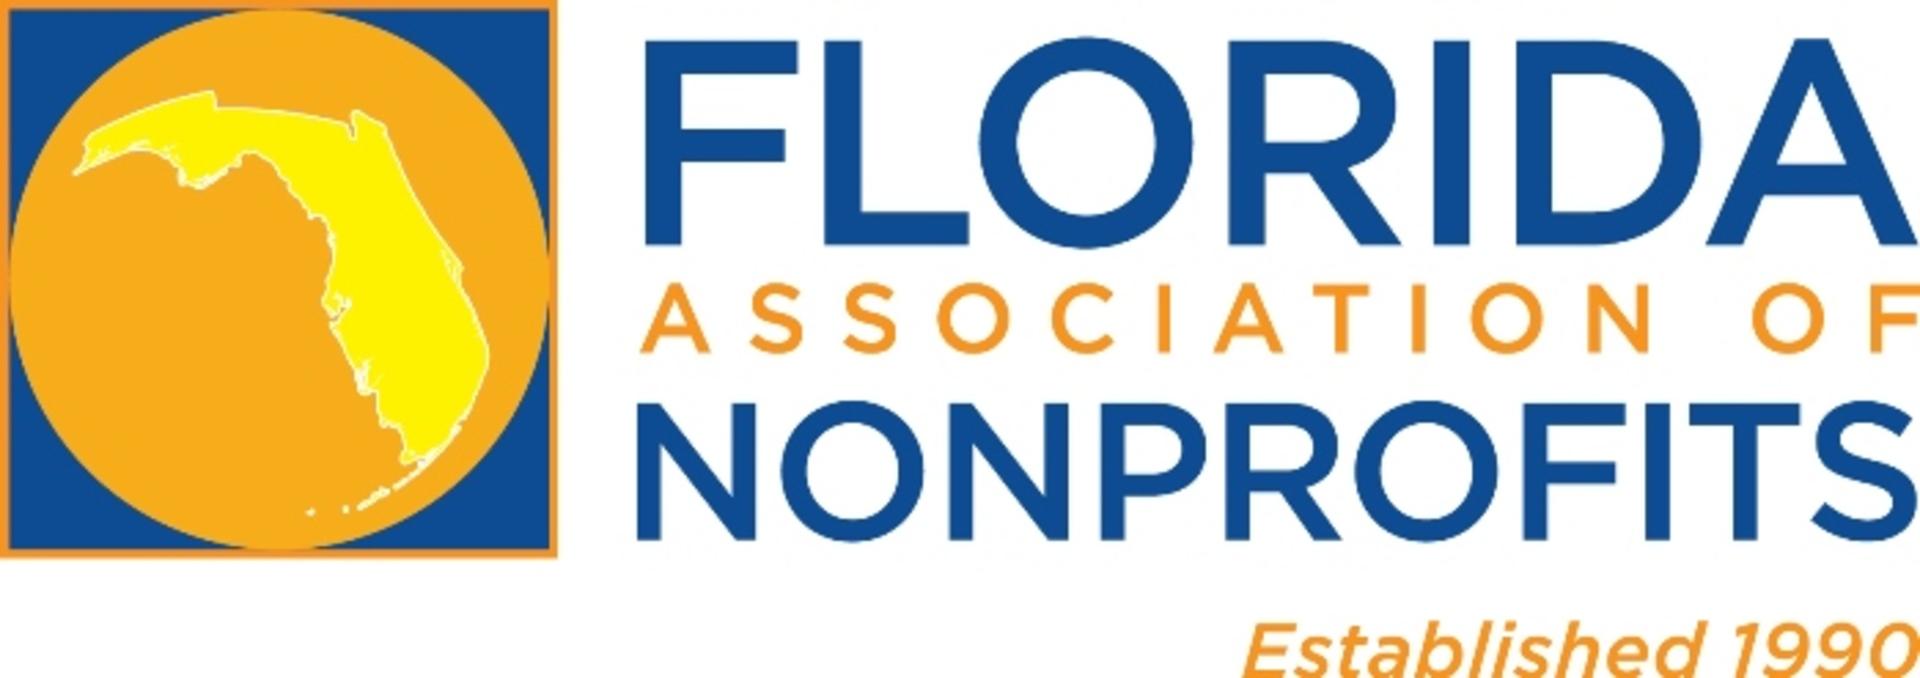 Florida Nonprofits - Nonprofit Networking Event Meet & Greet